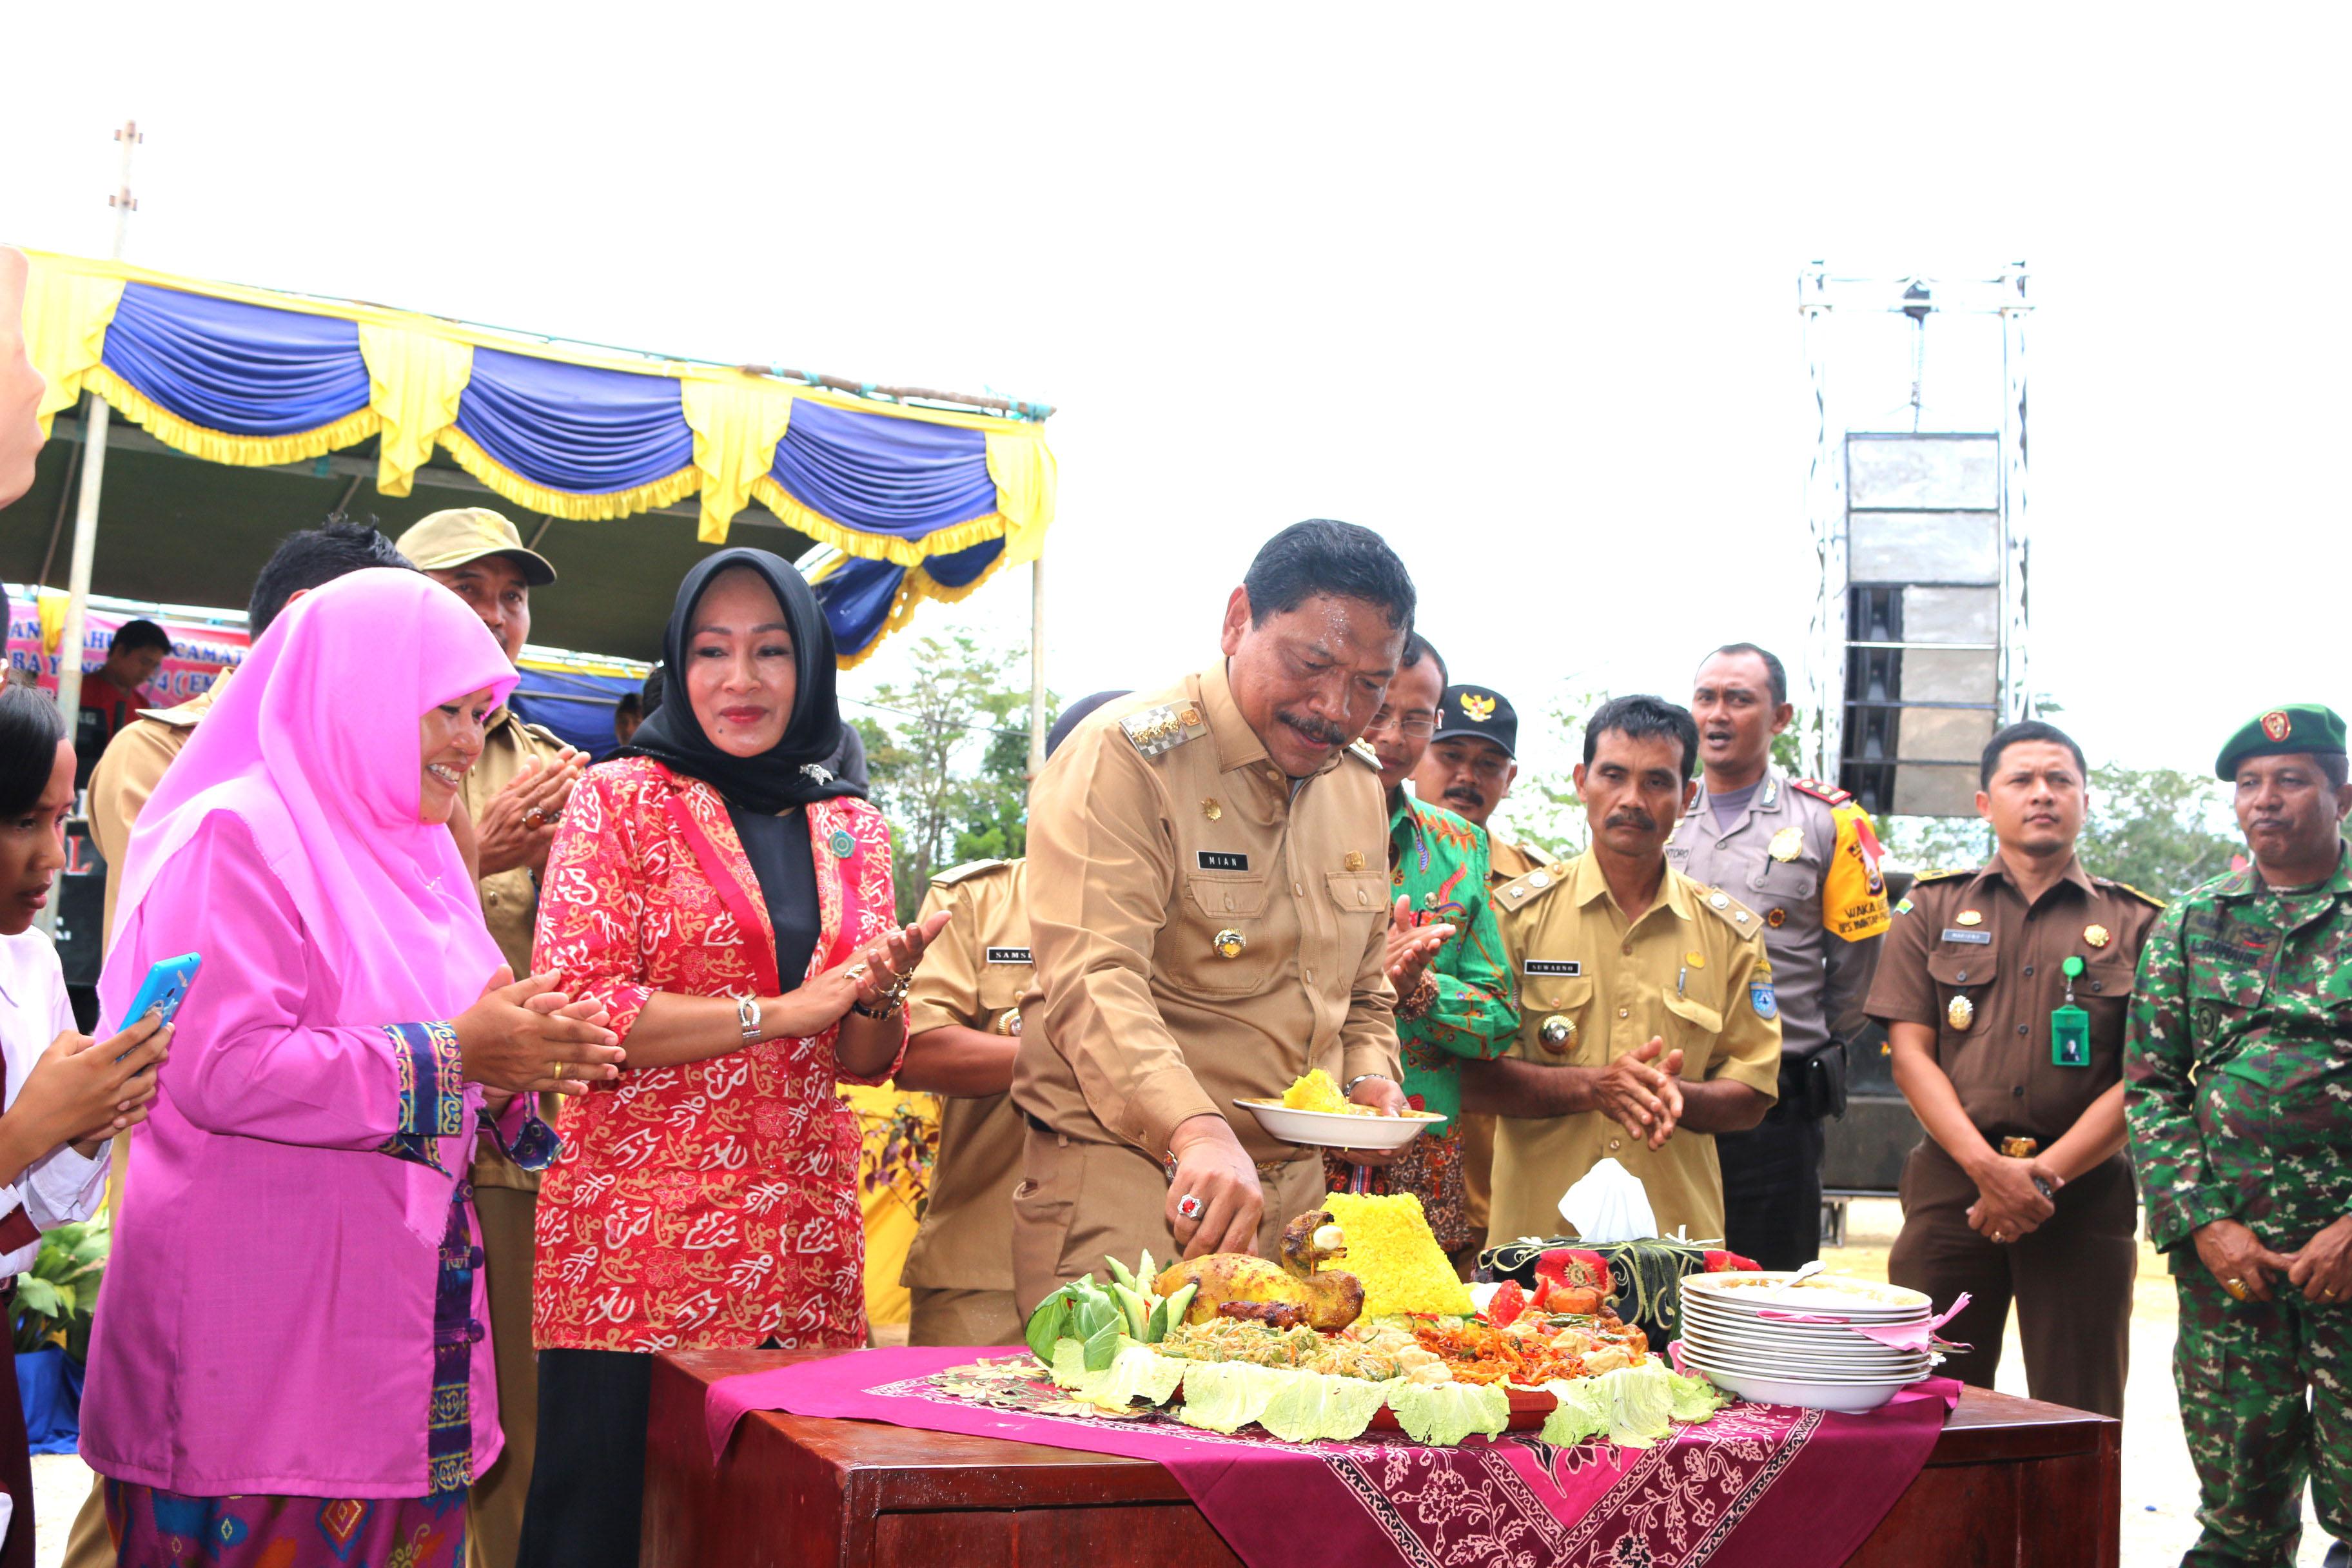 Hari jadi ke-4 kecamatan Ulok Kupai